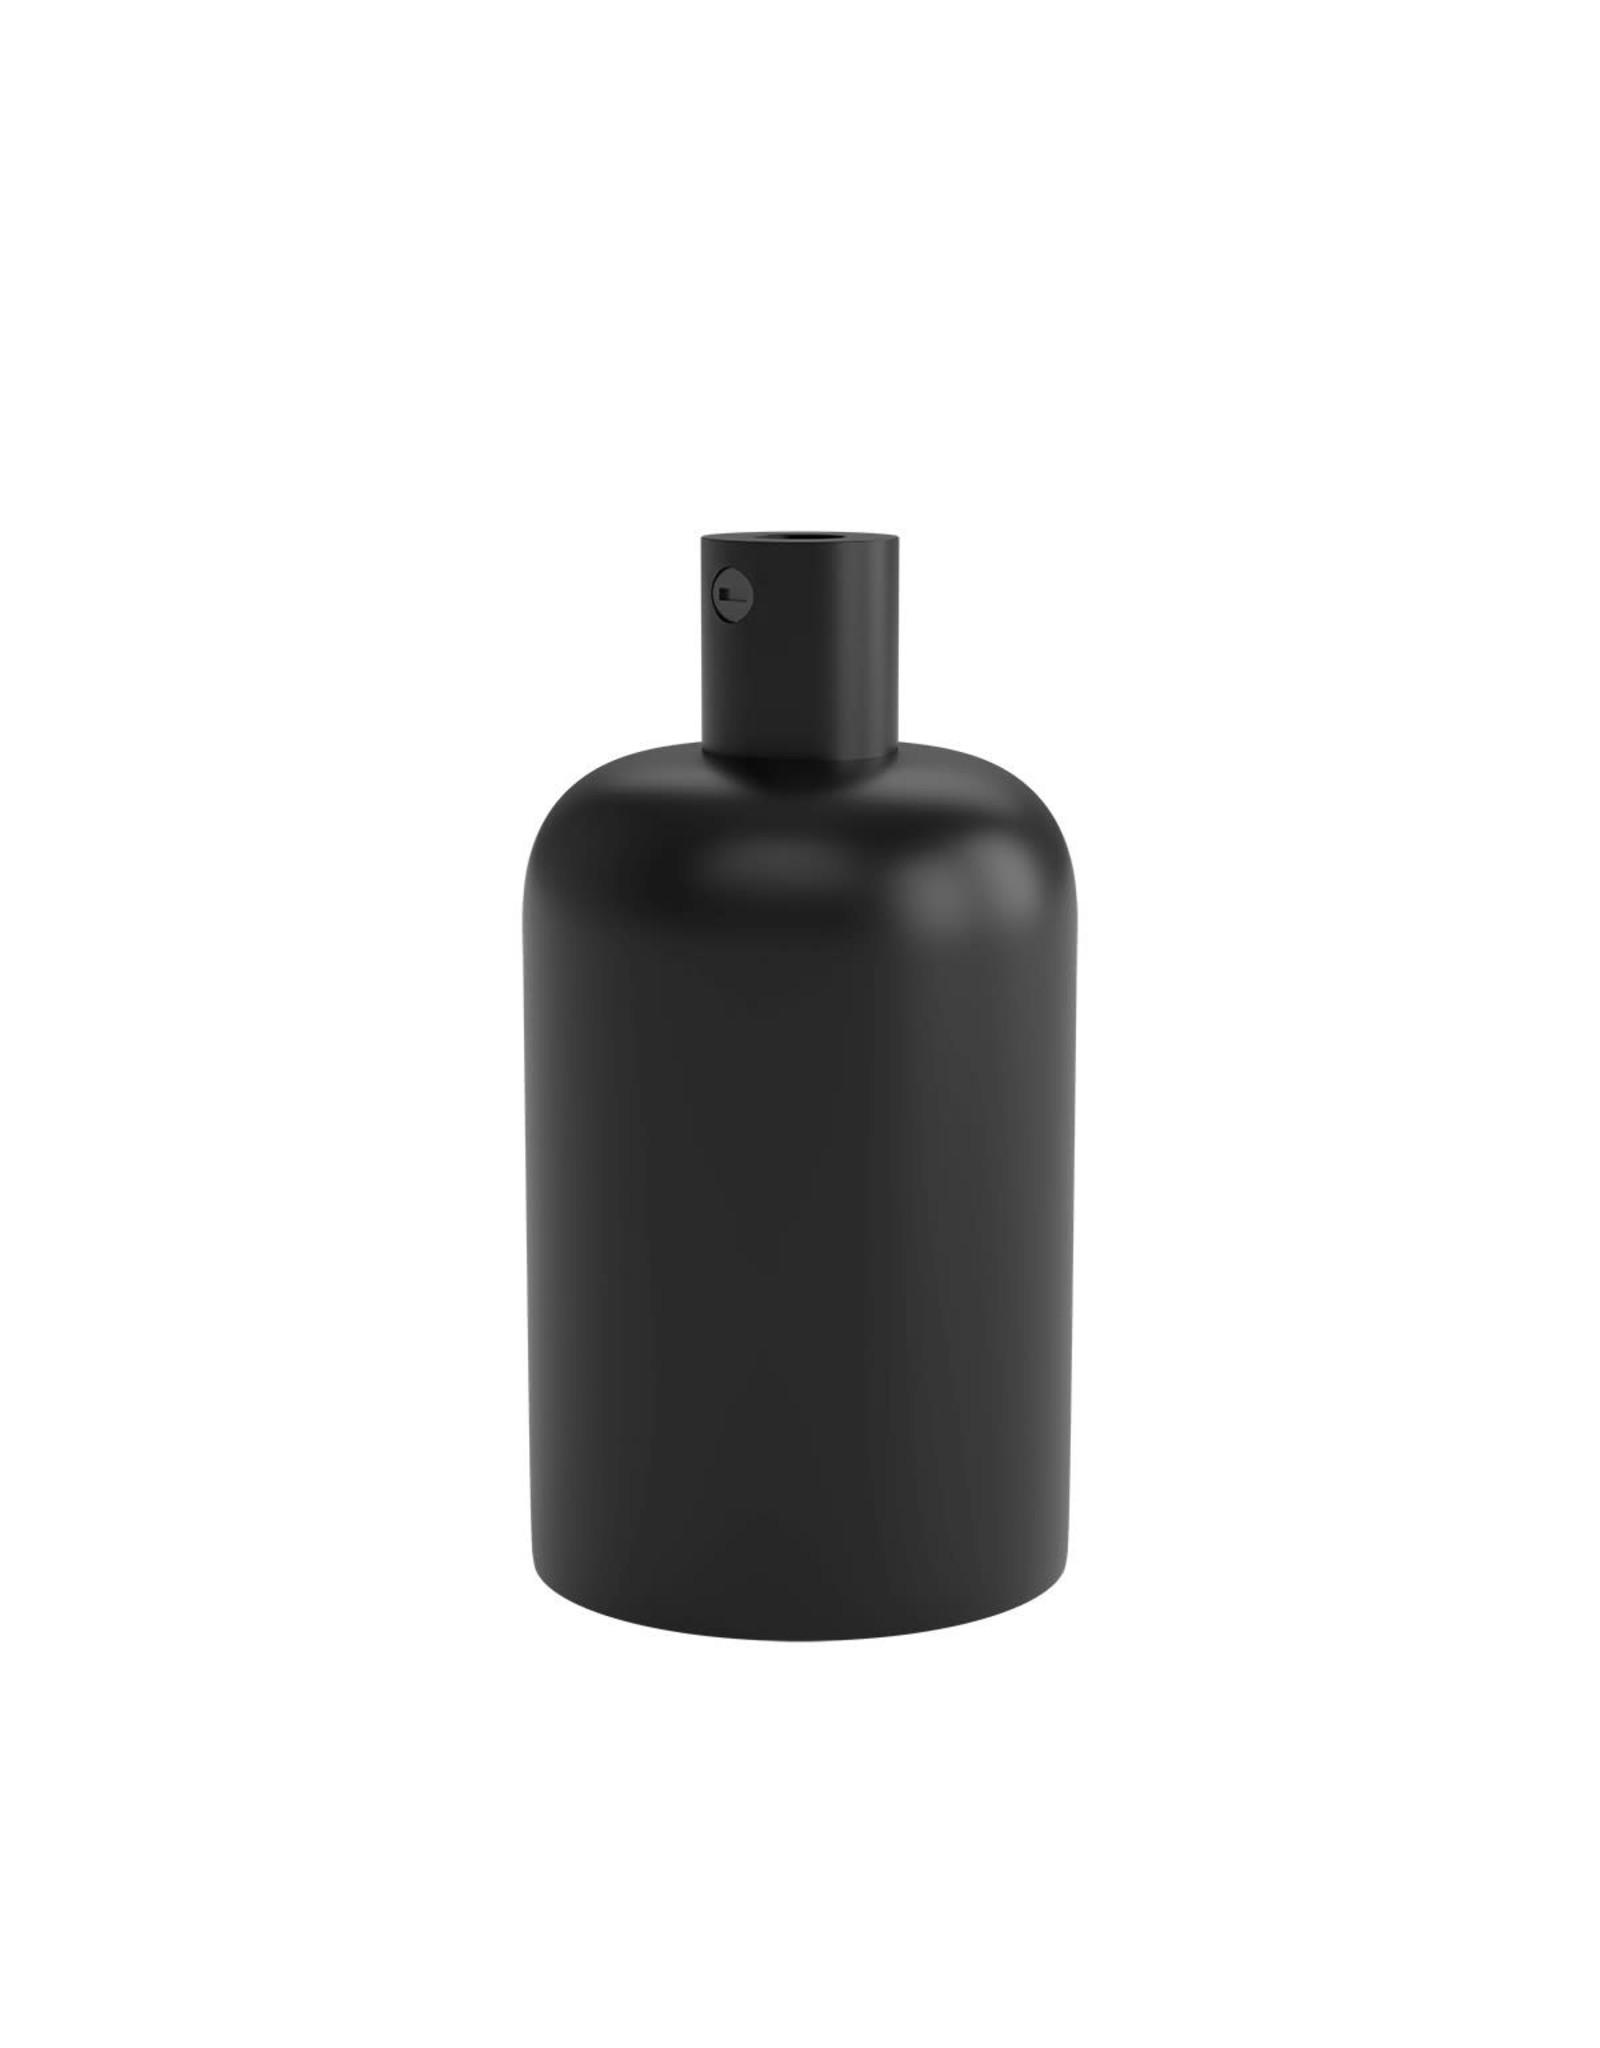 Lamphouder E27 zwart